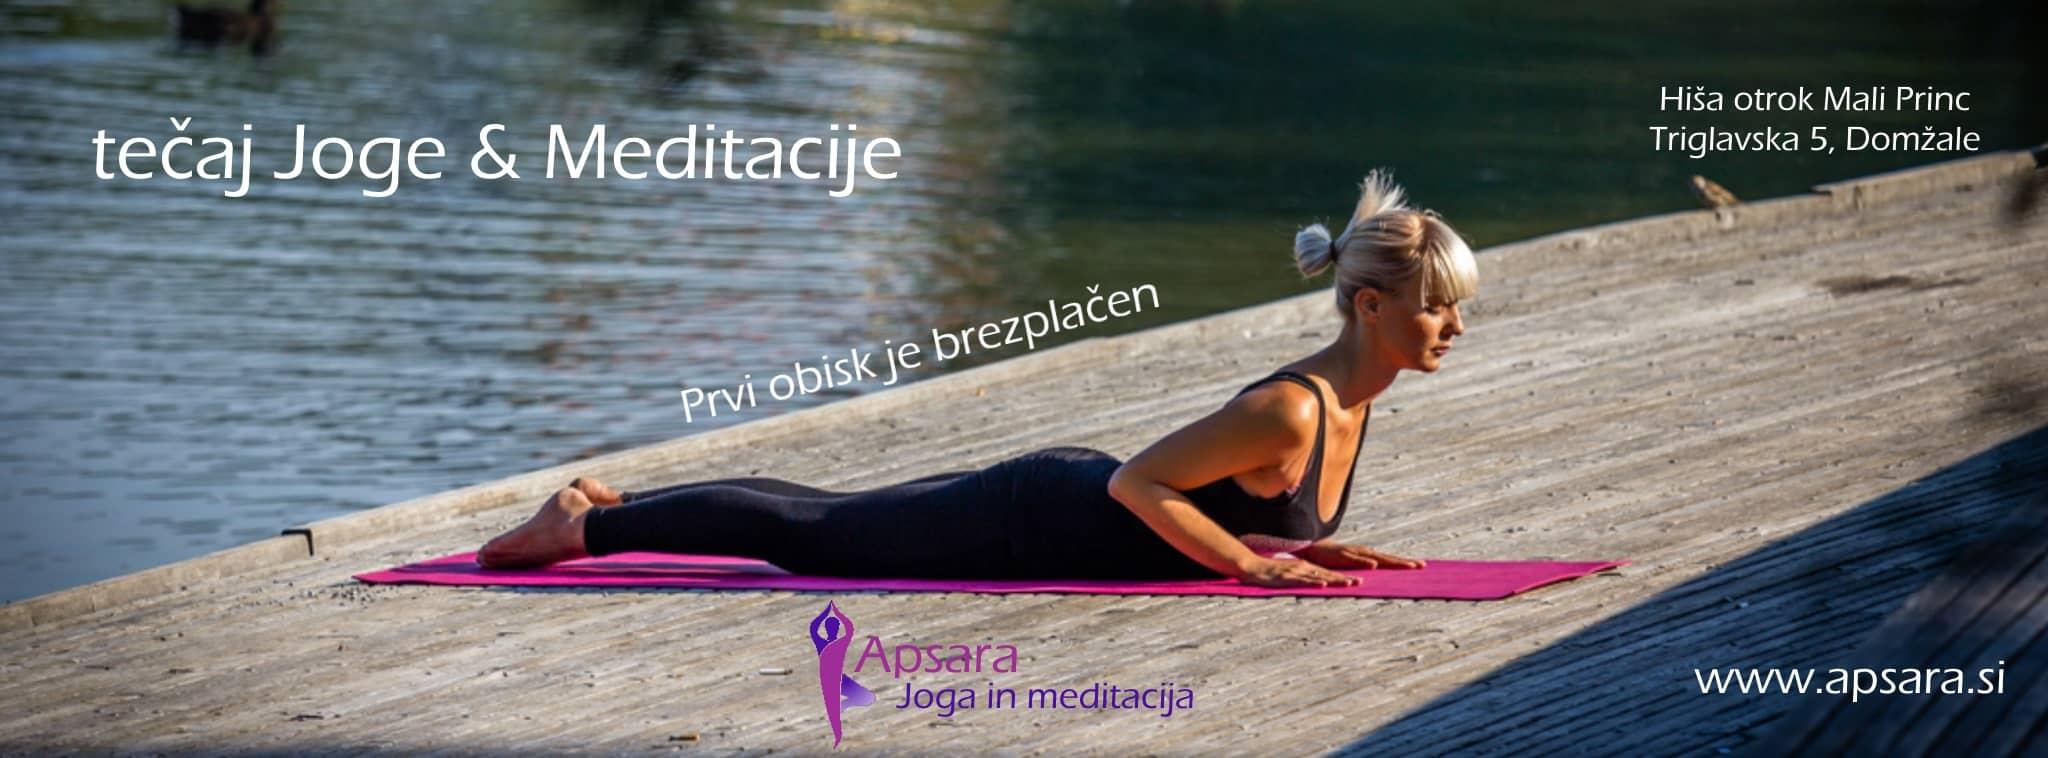 Joga in meditacija domžale